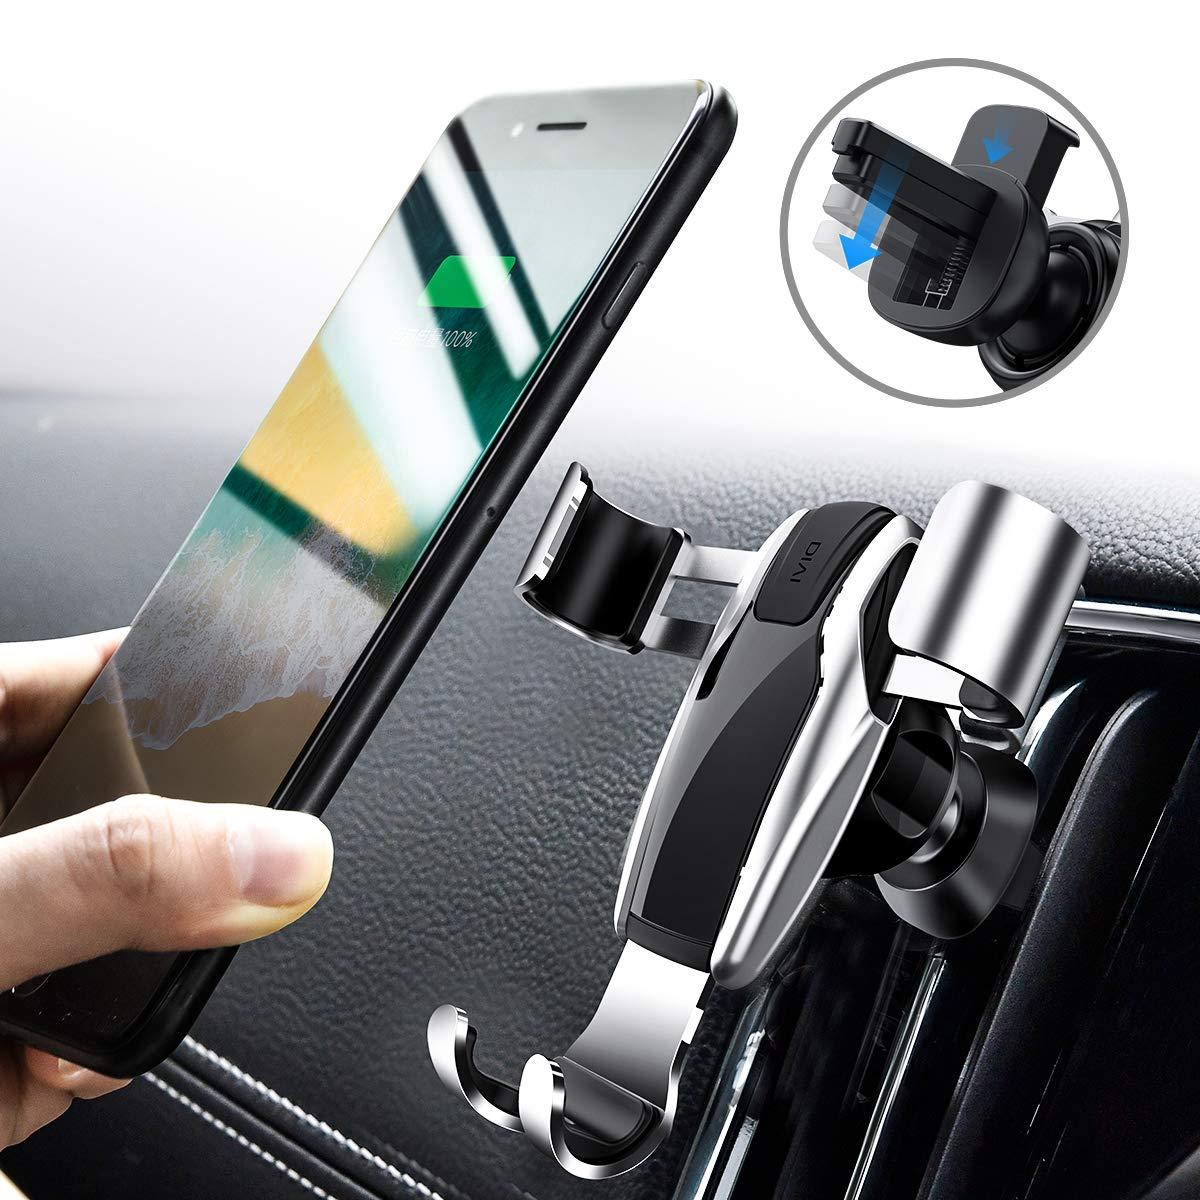 Soporte M/óvil Coche Soporte Smartphone Coche para Rejillas del Aire de Coche Universal 360 /° Rotaci/ón Dise/ño de Enlace de Gravedad Car Mount para Phone X//8//7//6 Plus Samsung Note 8 // S8 Negro